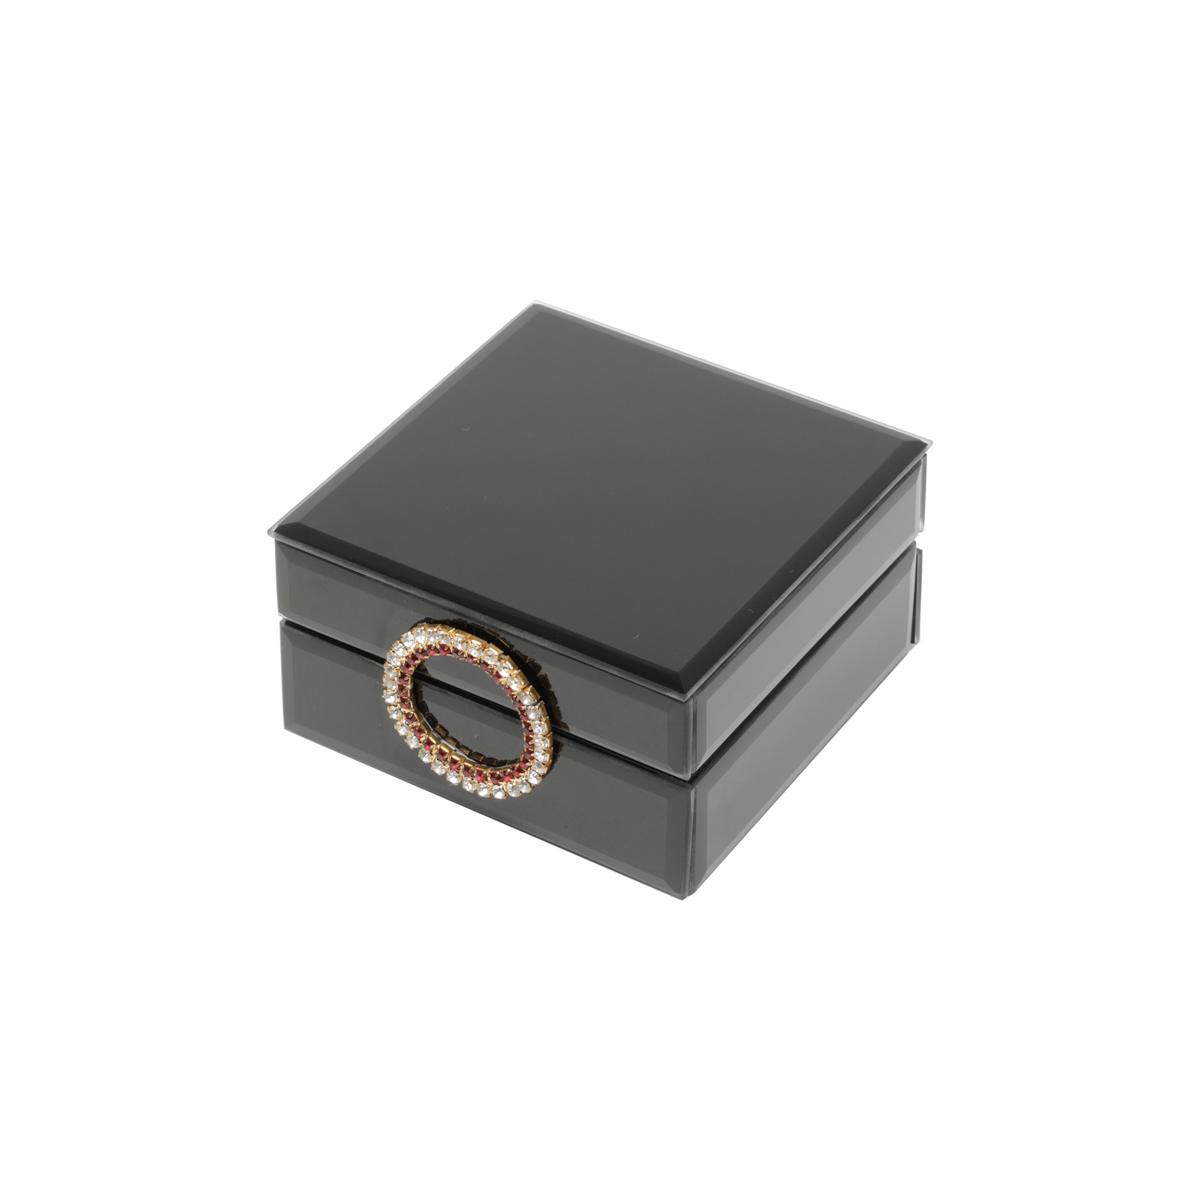 Porta Jóias Madeira Espelhada Puxador Dourado 12x6,5 Prestige